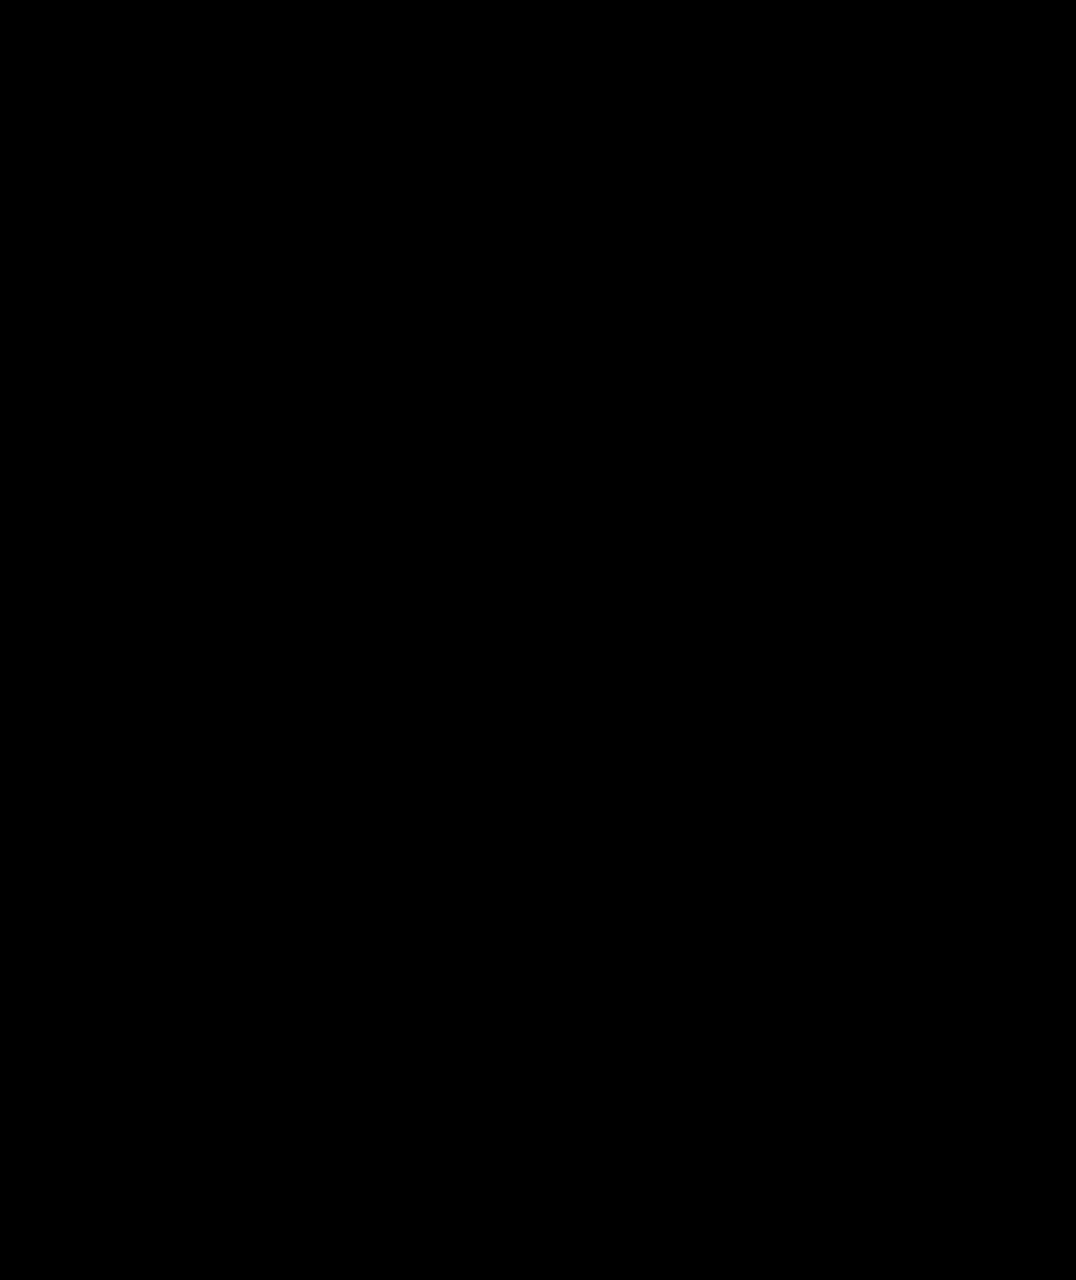 cranium-2858764_1280